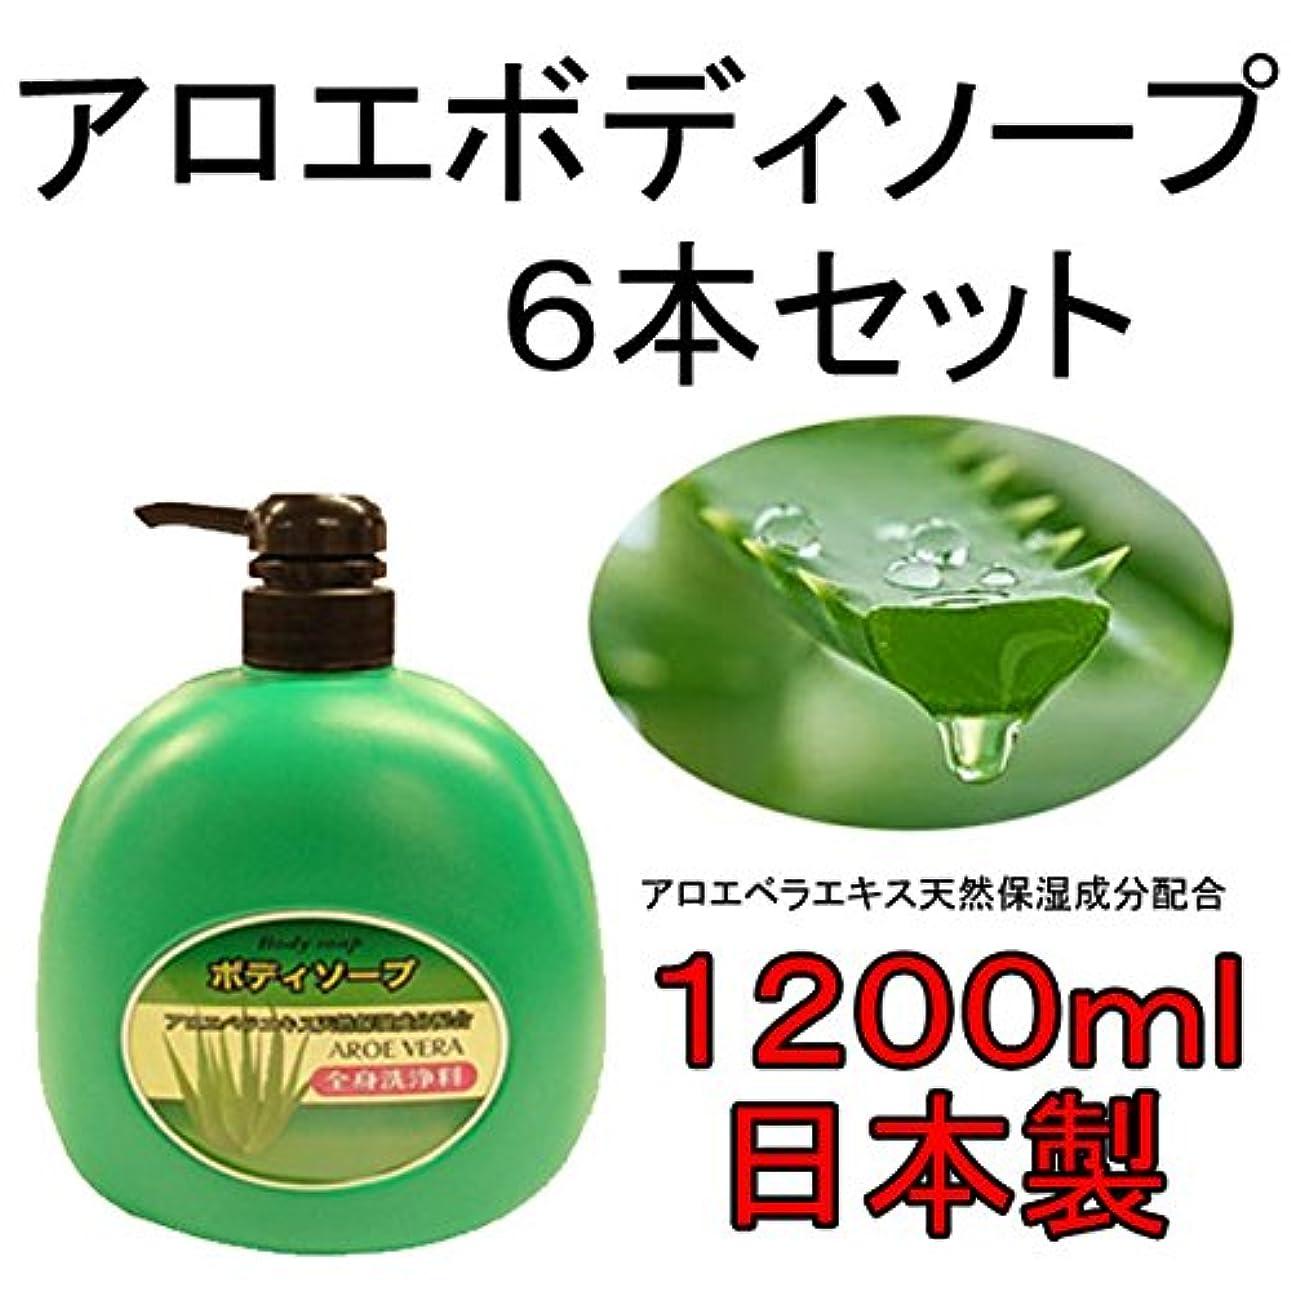 警告自分の力ですべてをする腫瘍高級アロエボディソープ6本セット アロエエキスたっぷりでお肌つるつる 国産?日本製で安心/約1年分1本1200mlの大容量でお得 液体ソープ ボディソープ ボディシャンプー 風呂用 石鹸 せっけん 全身用ソープ body soap aroe あろえ